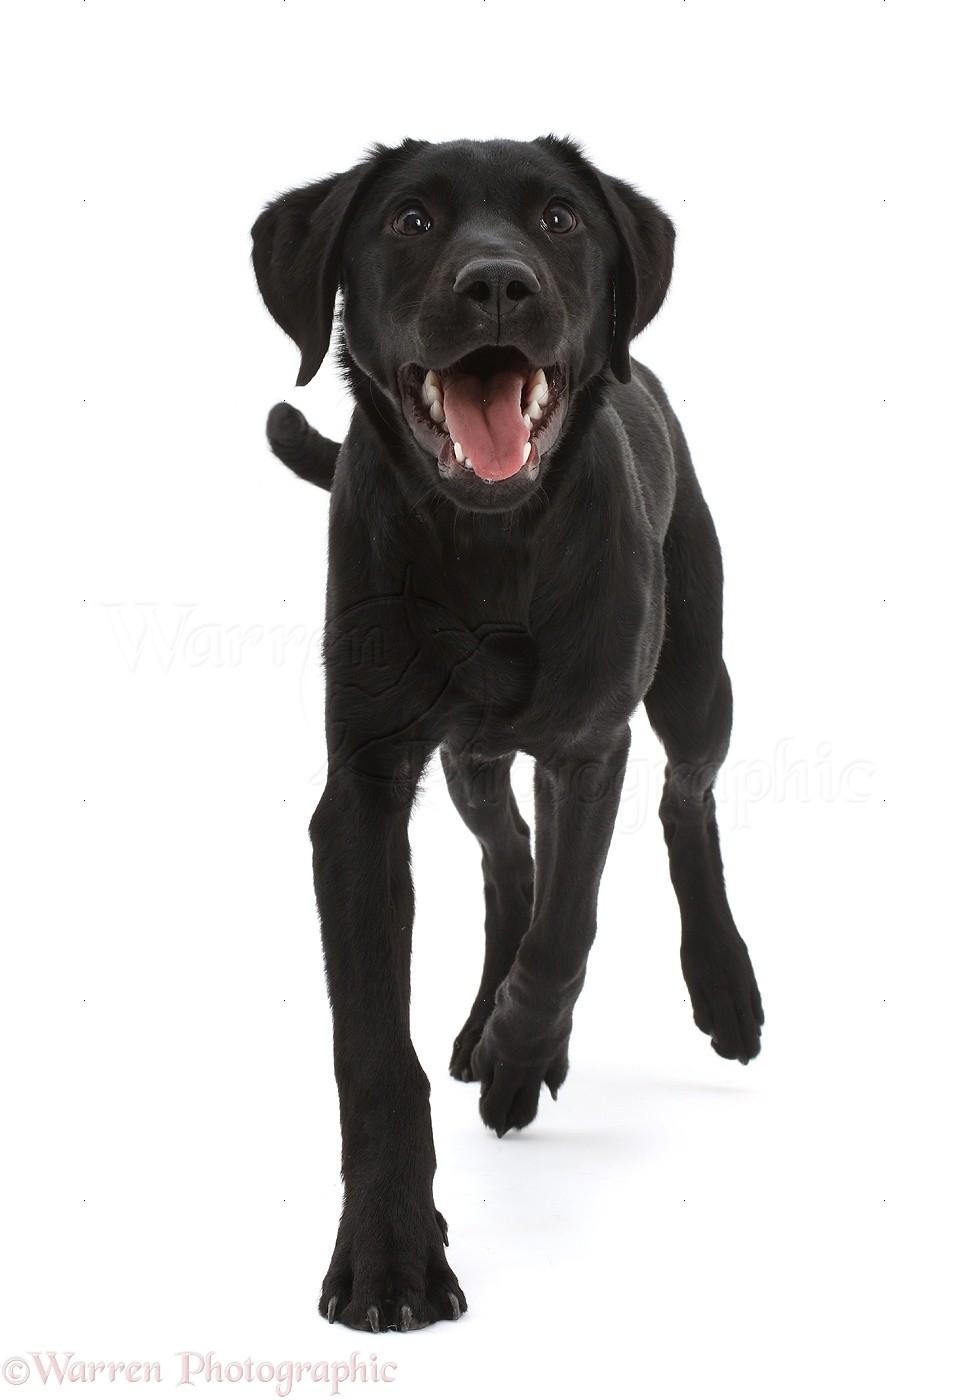 Dog Photo Black Background